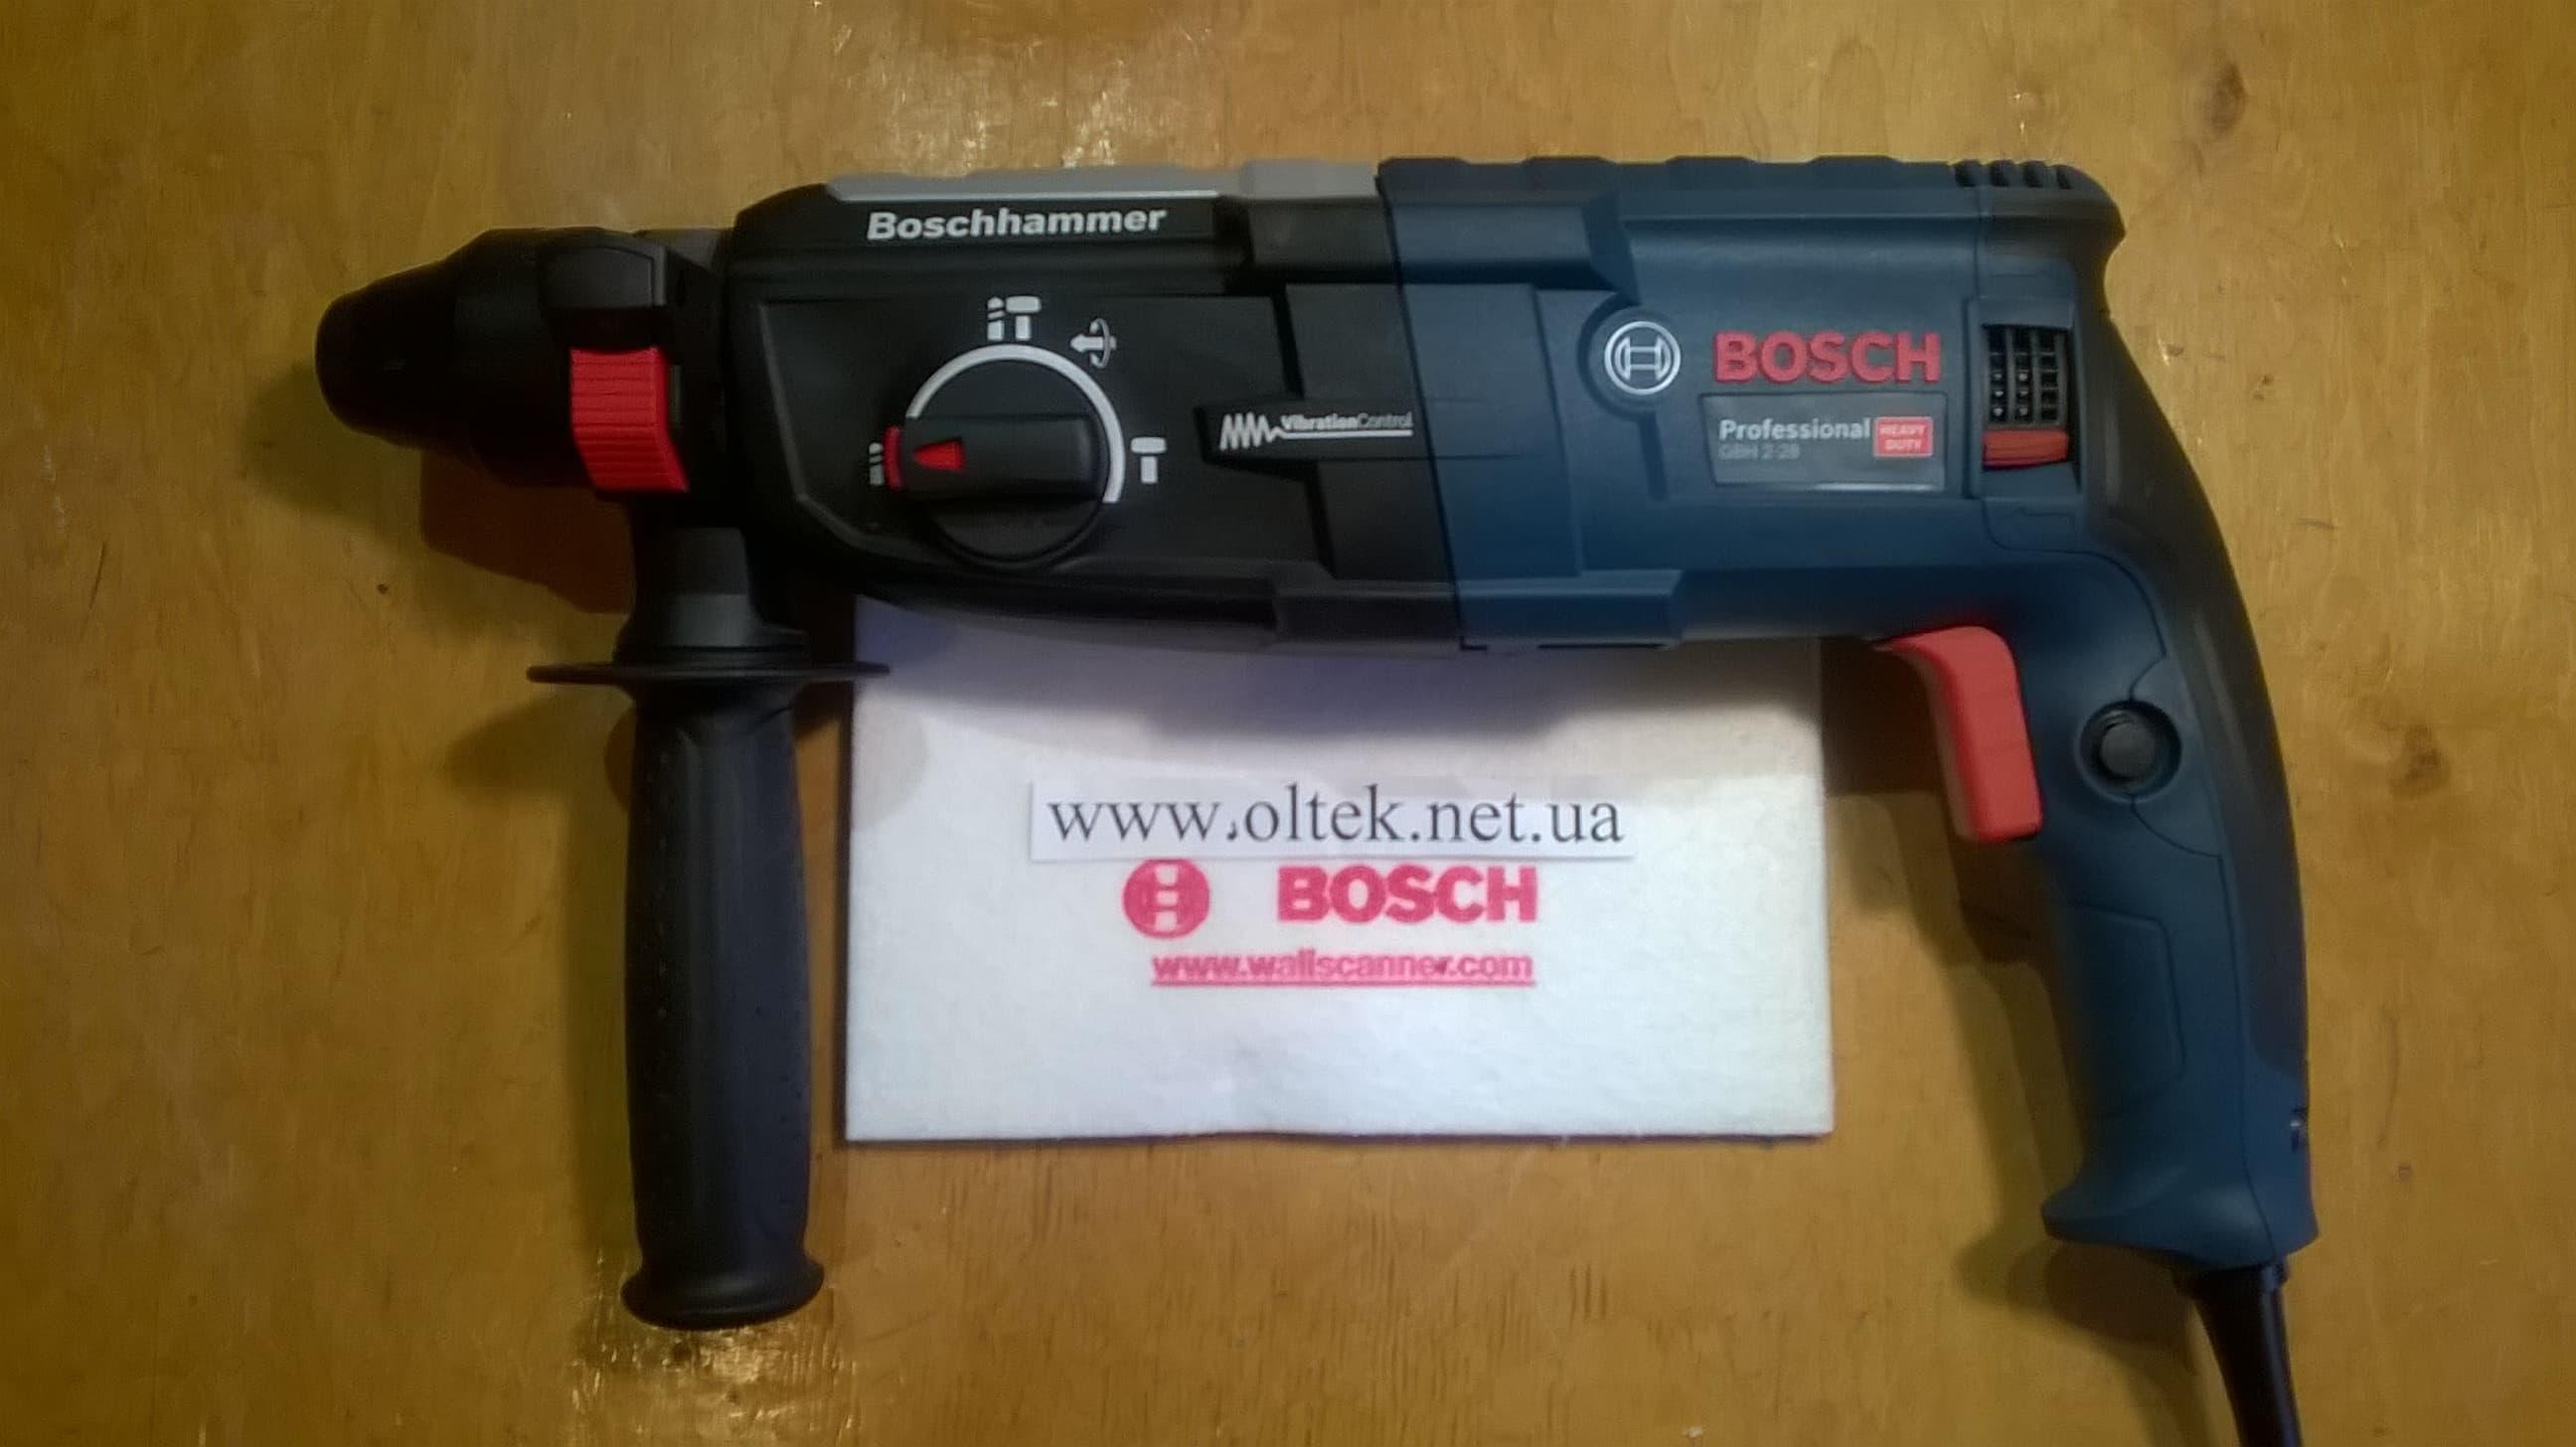 bosch-2-28-oltek-net-ua